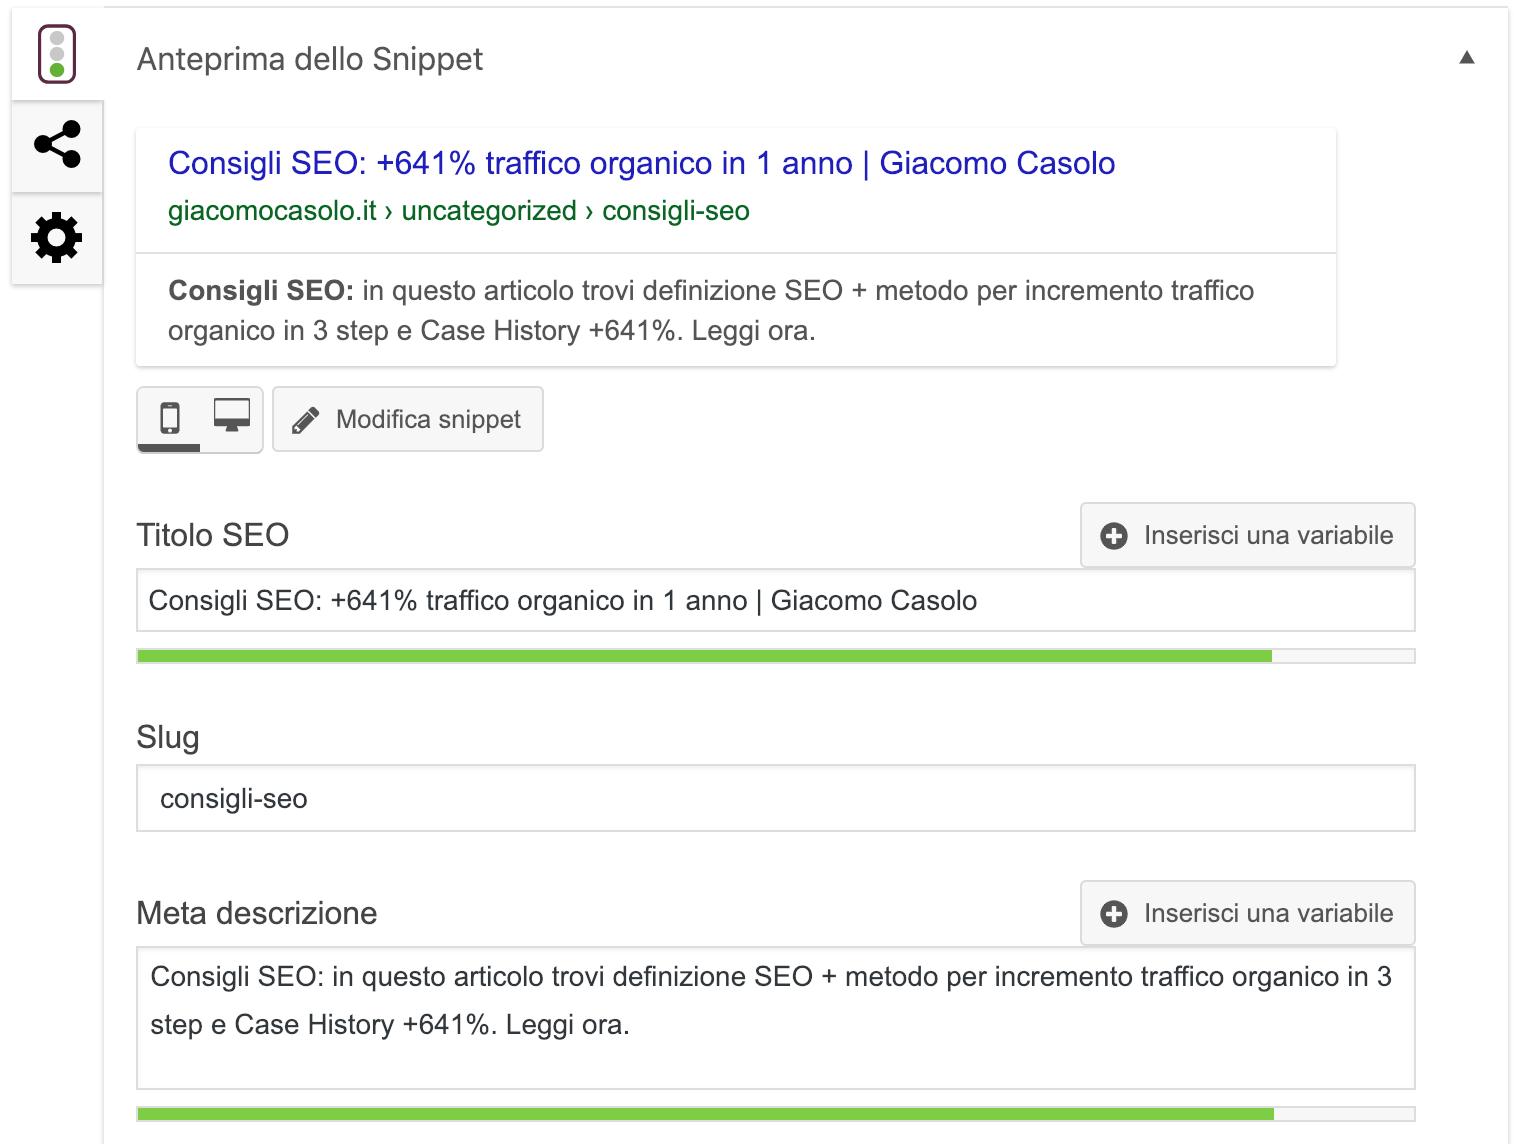 Seo Title e Meta Description ottimizzazione, Giacomo Casolo